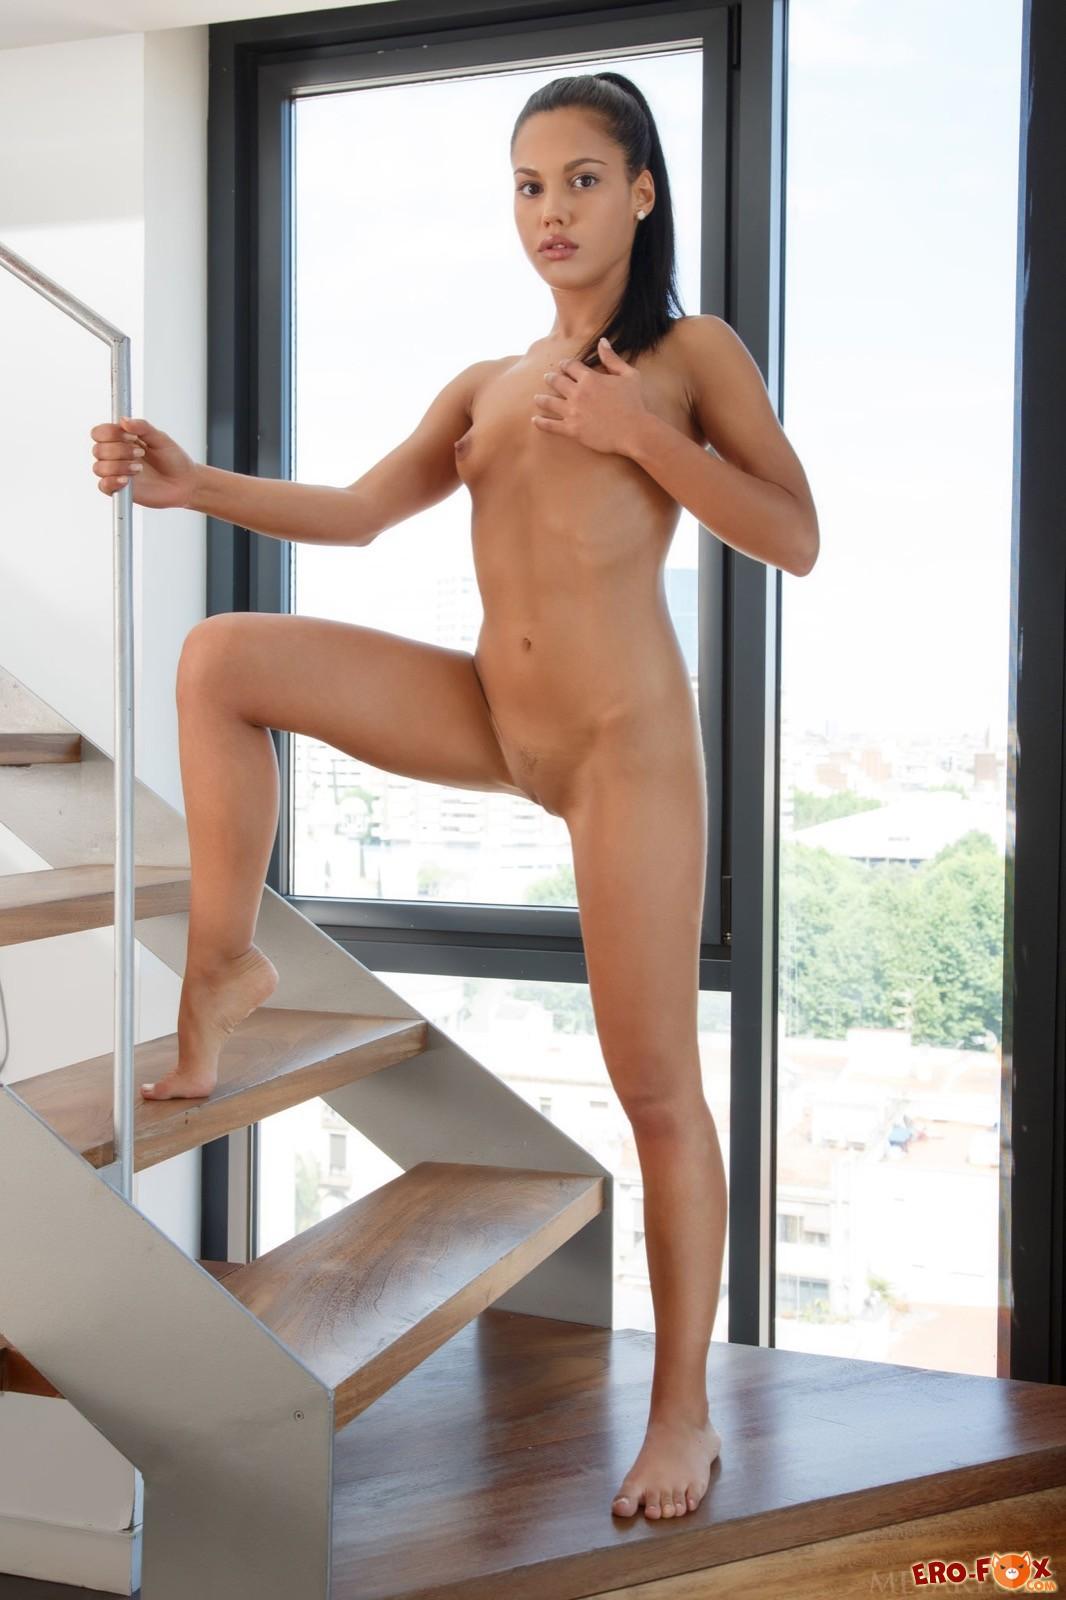 Маленькая грудь голой девушки позирующей на лестнице